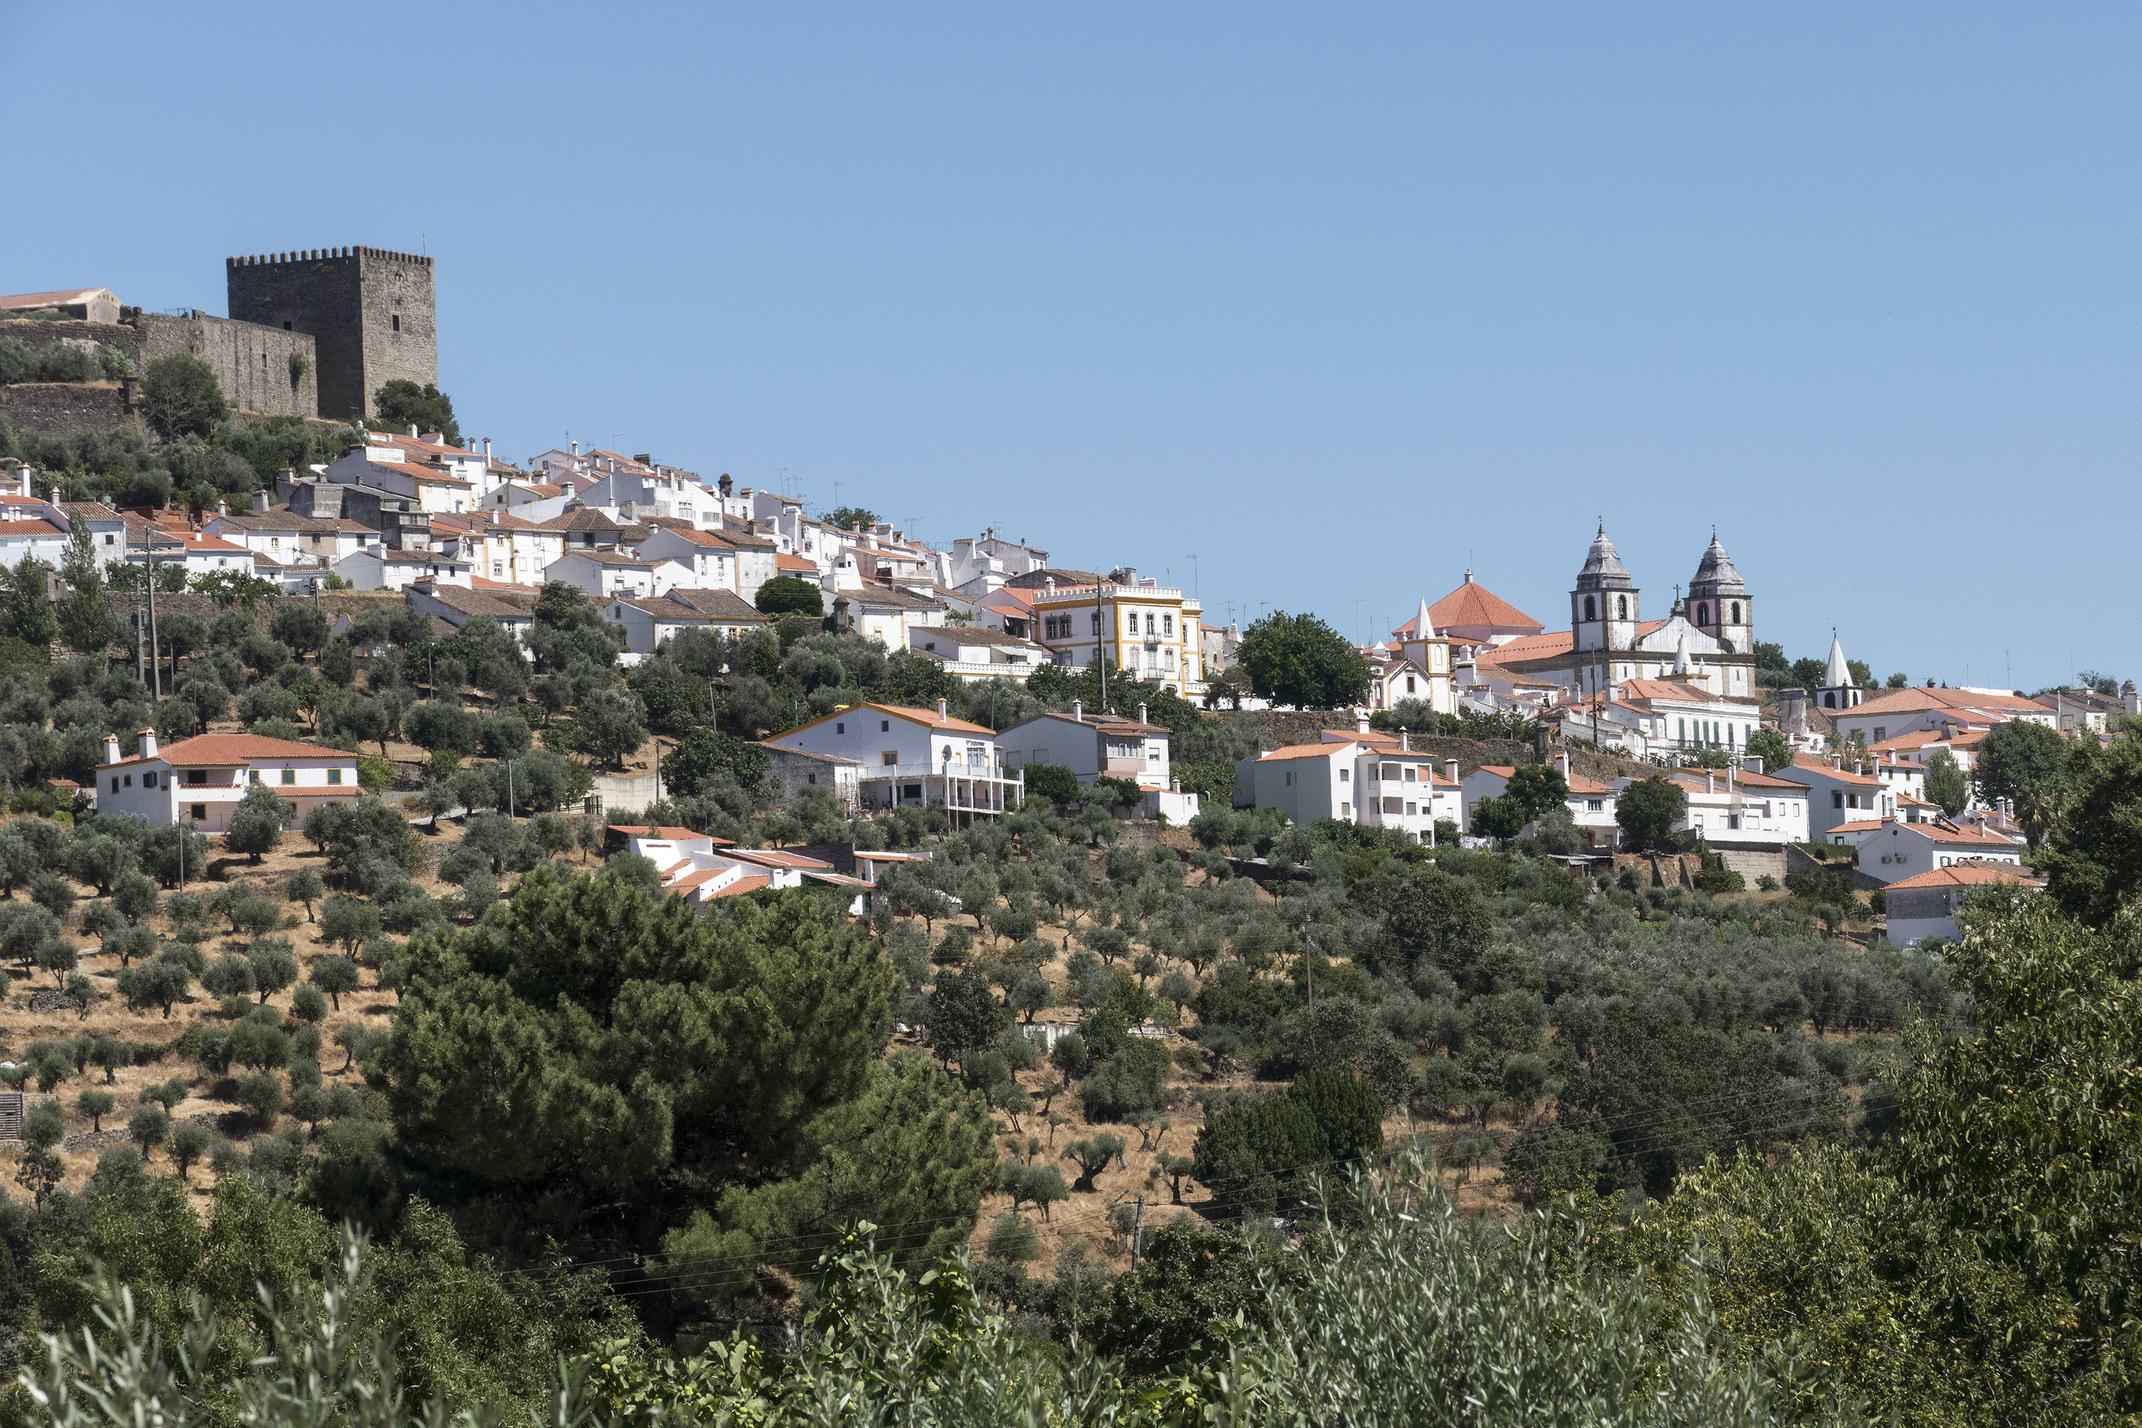 Portugal alentejo castelodavide view